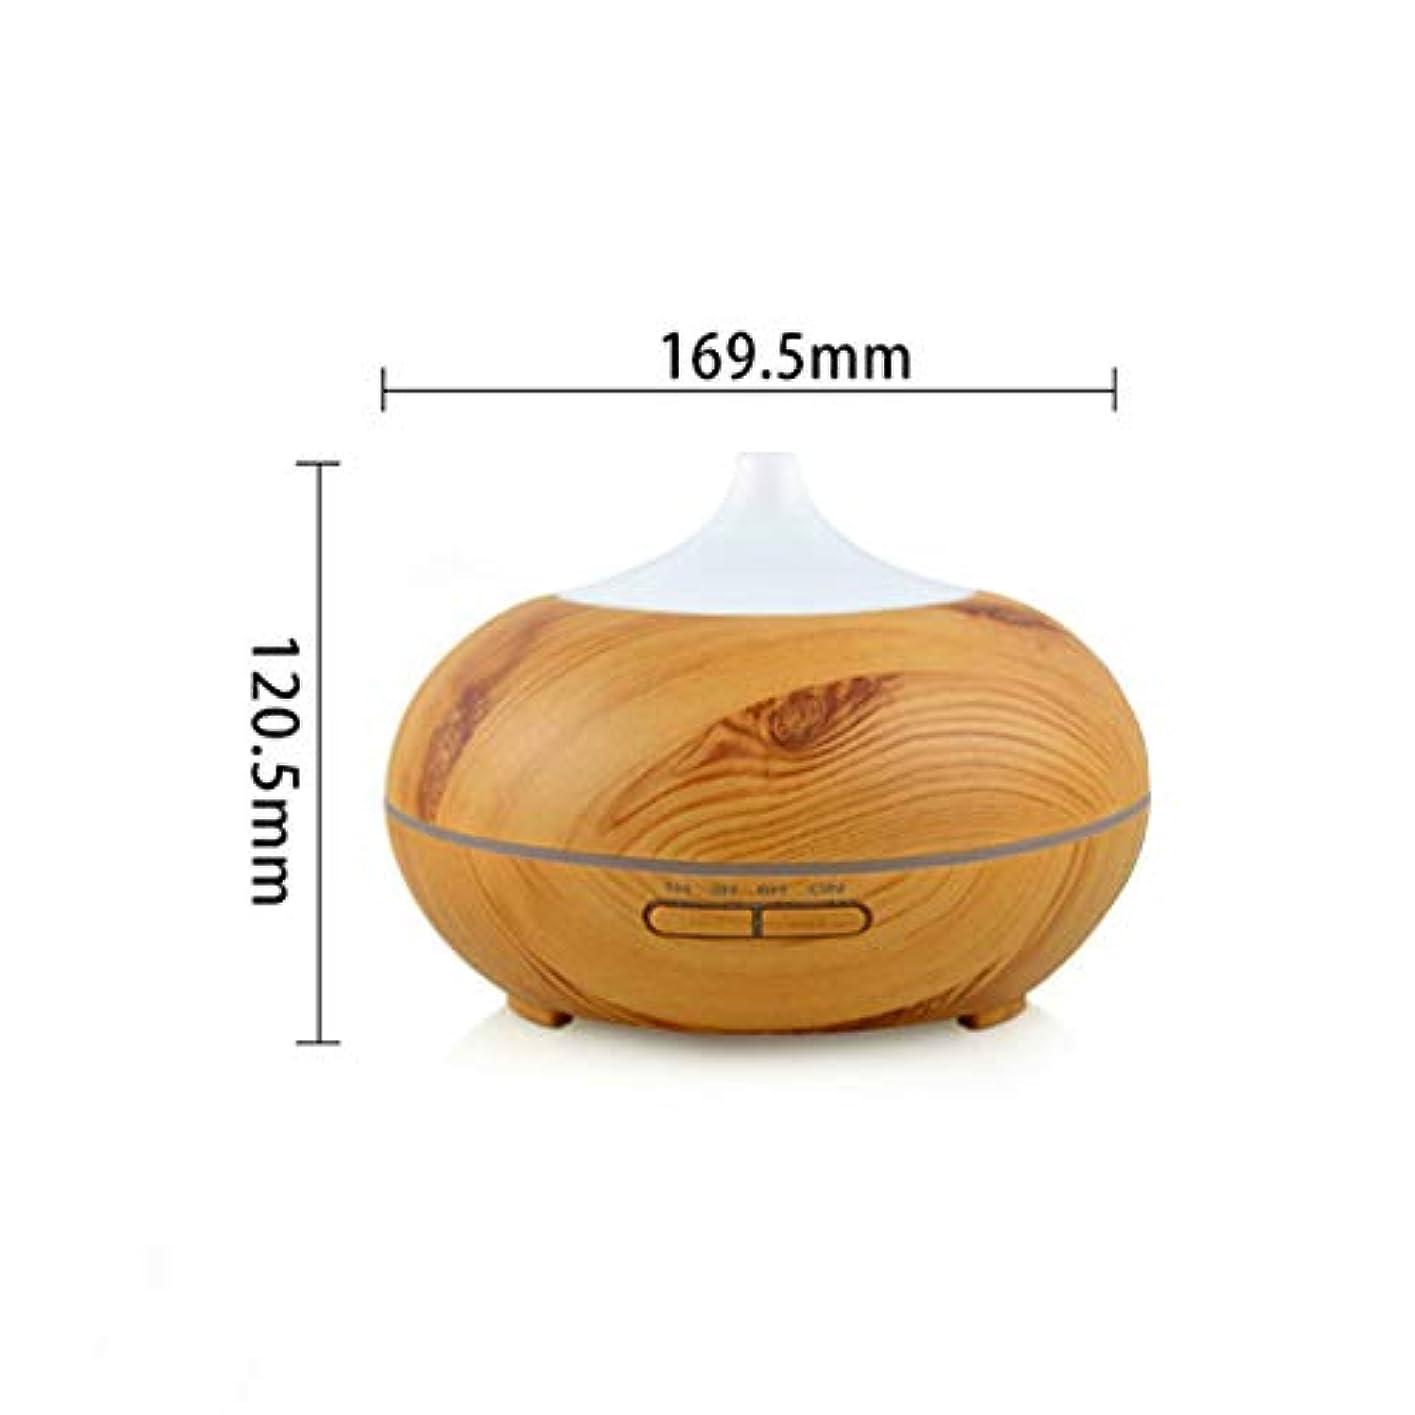 脚本家密厳しい木目 涼しい霧 加湿器,7 色 空気を浄化 加湿機 時間 手動 Wifiアプリコントロール 精油 ディフューザー アロマネブライザー Yoga- 300ml